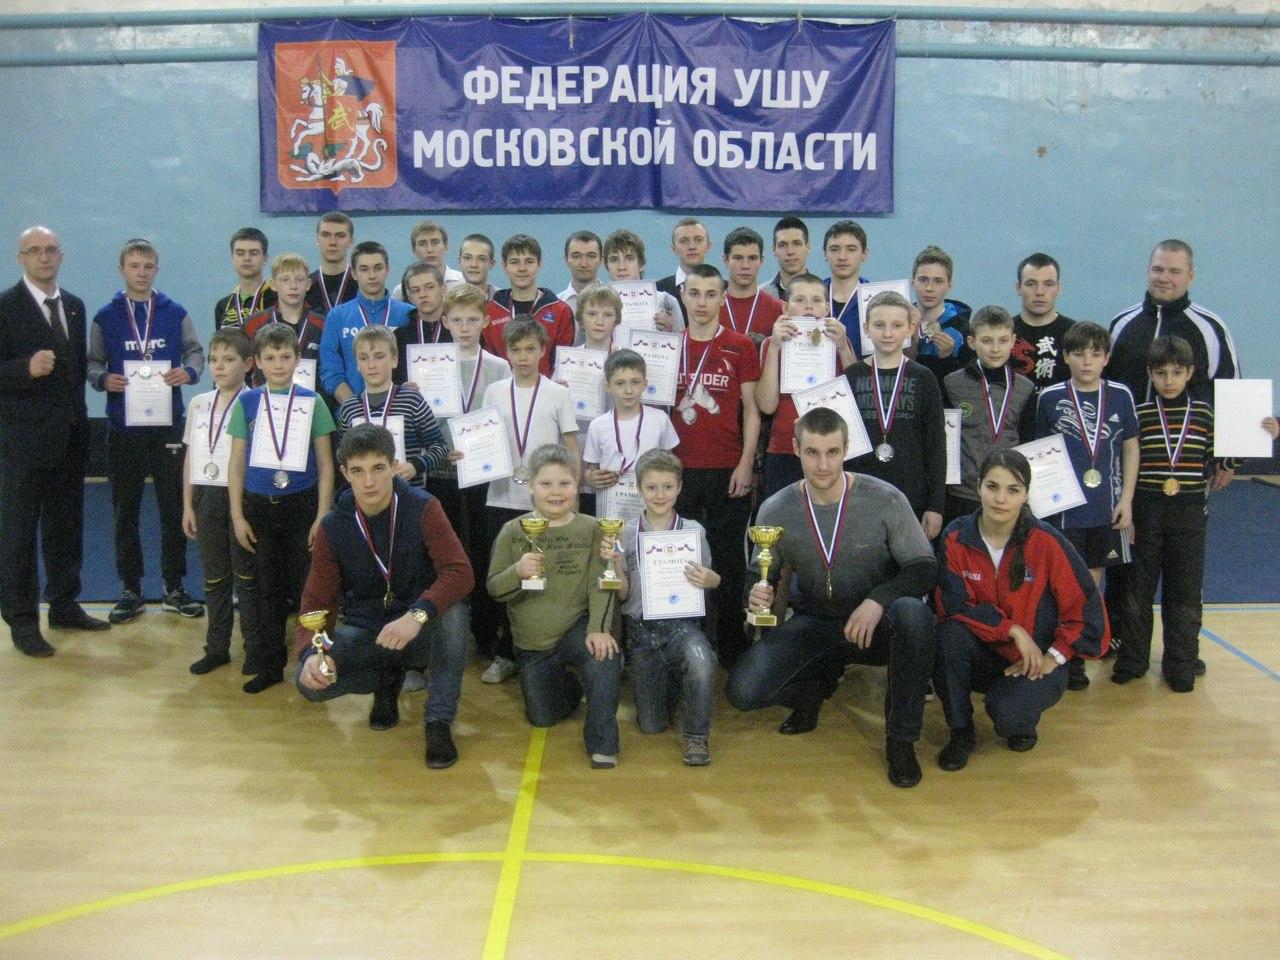 Новости Коломны   Турнир по ушу саньда, посвящённый Дню защитника Отечества Фото (Коломна)   sport otdyih dosug